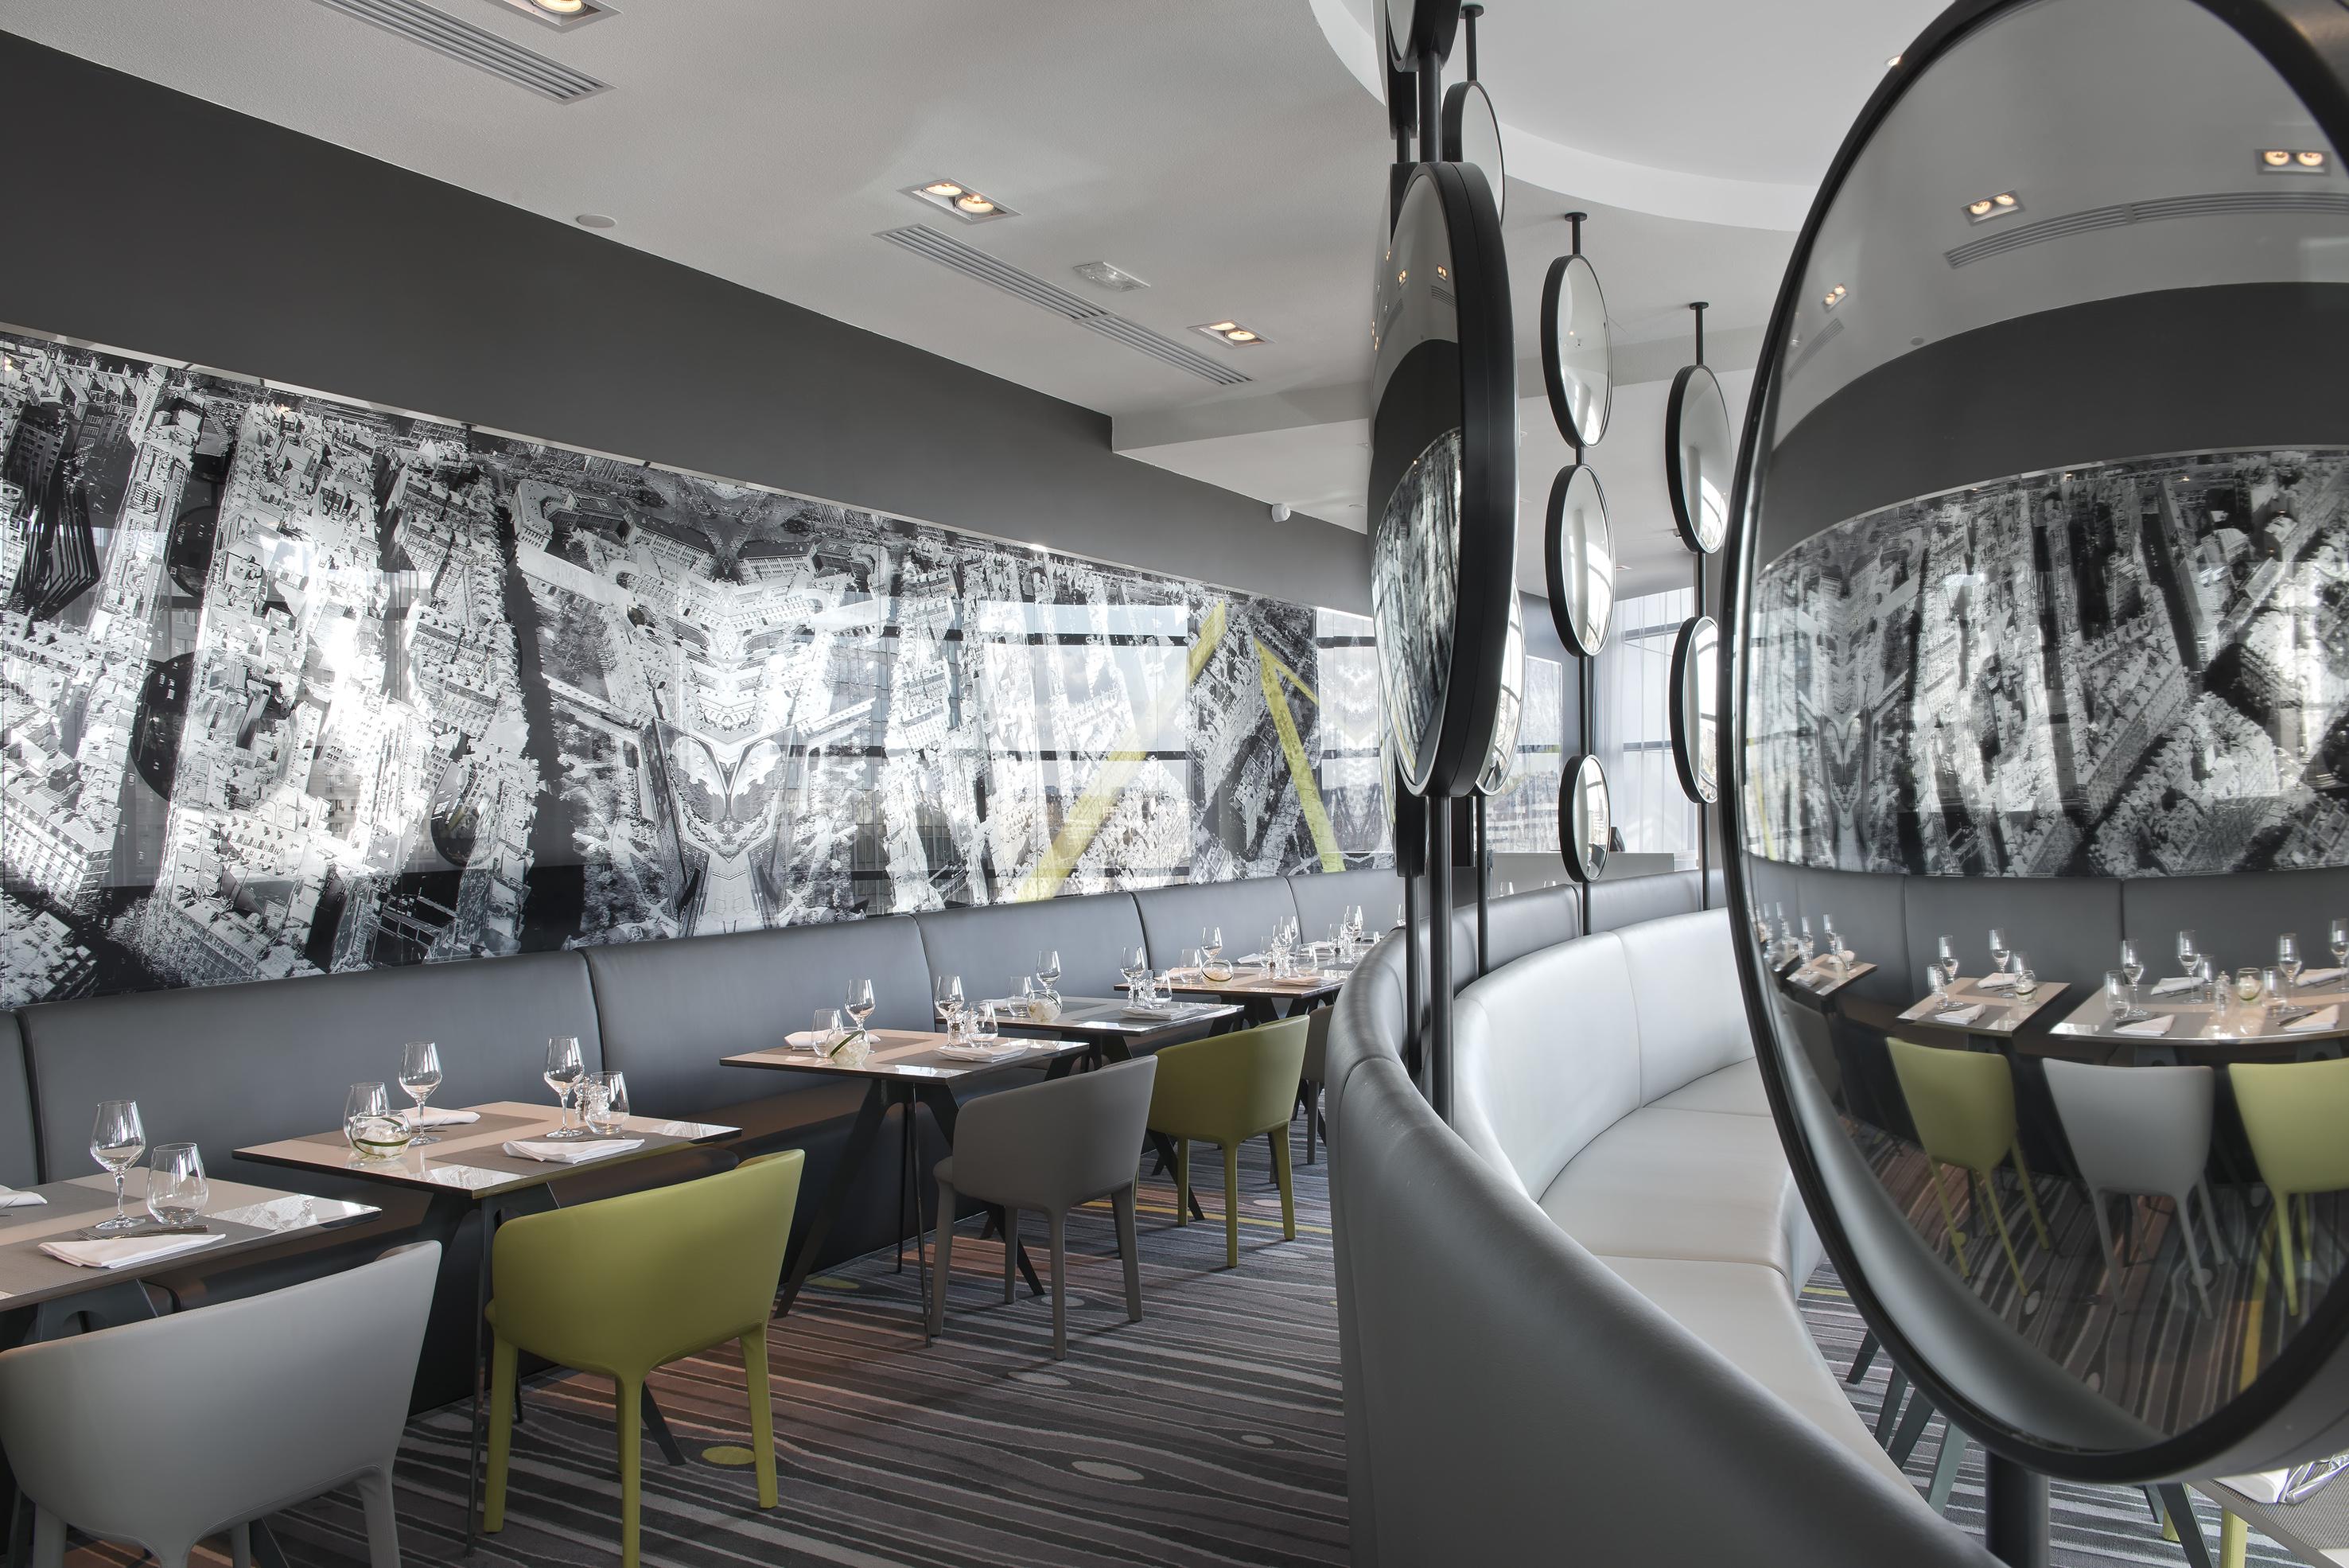 Le miroir plus qu une vue sur la d fense lecoq gourmand - Restaurant miroir paris ...